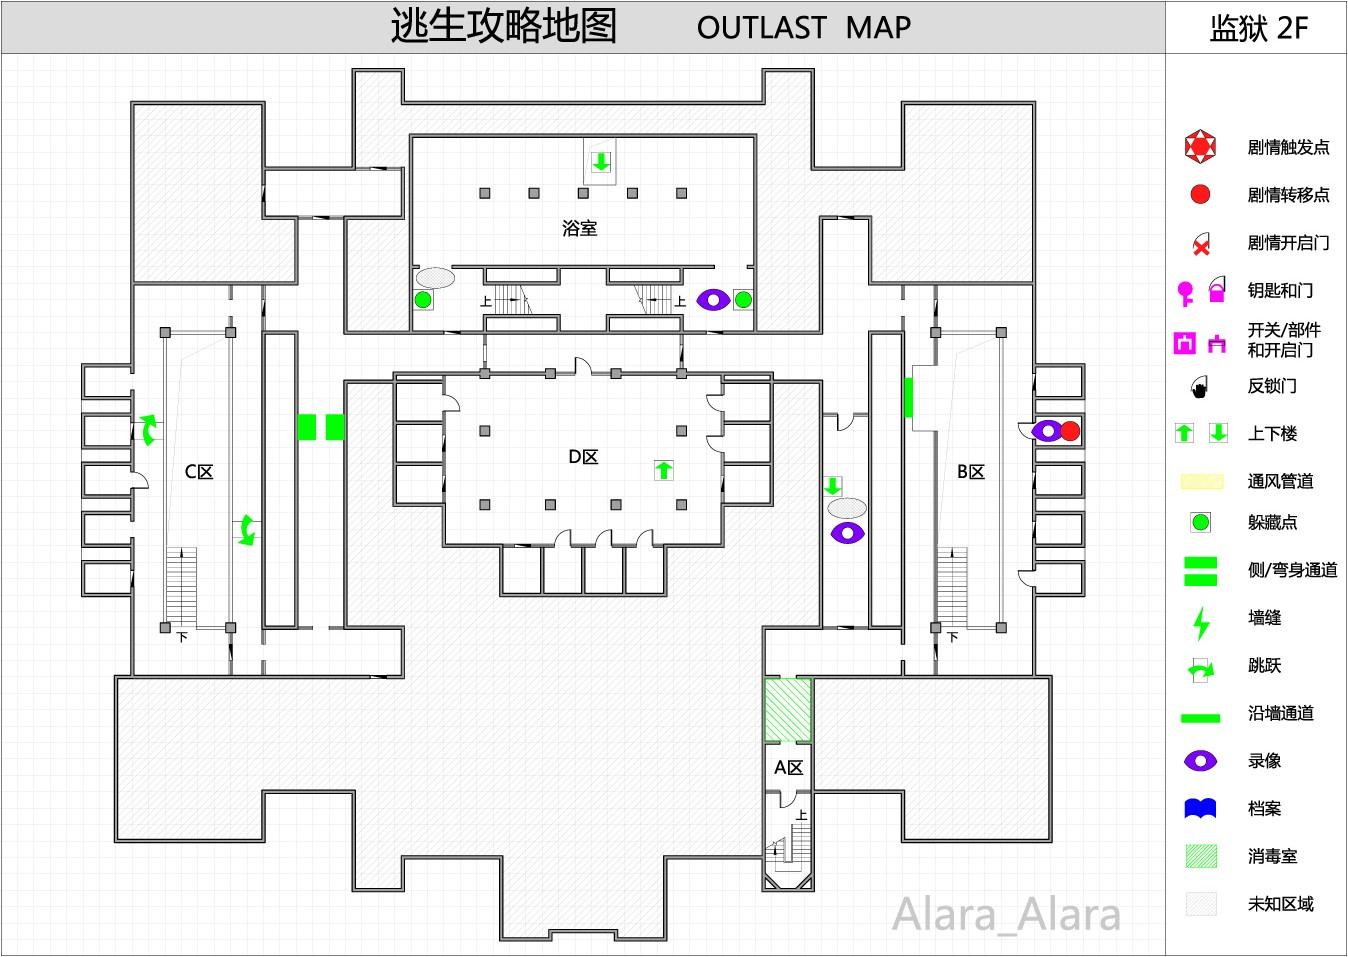 【逃生Outlast】攻略百货地图攻略开罗商场图片